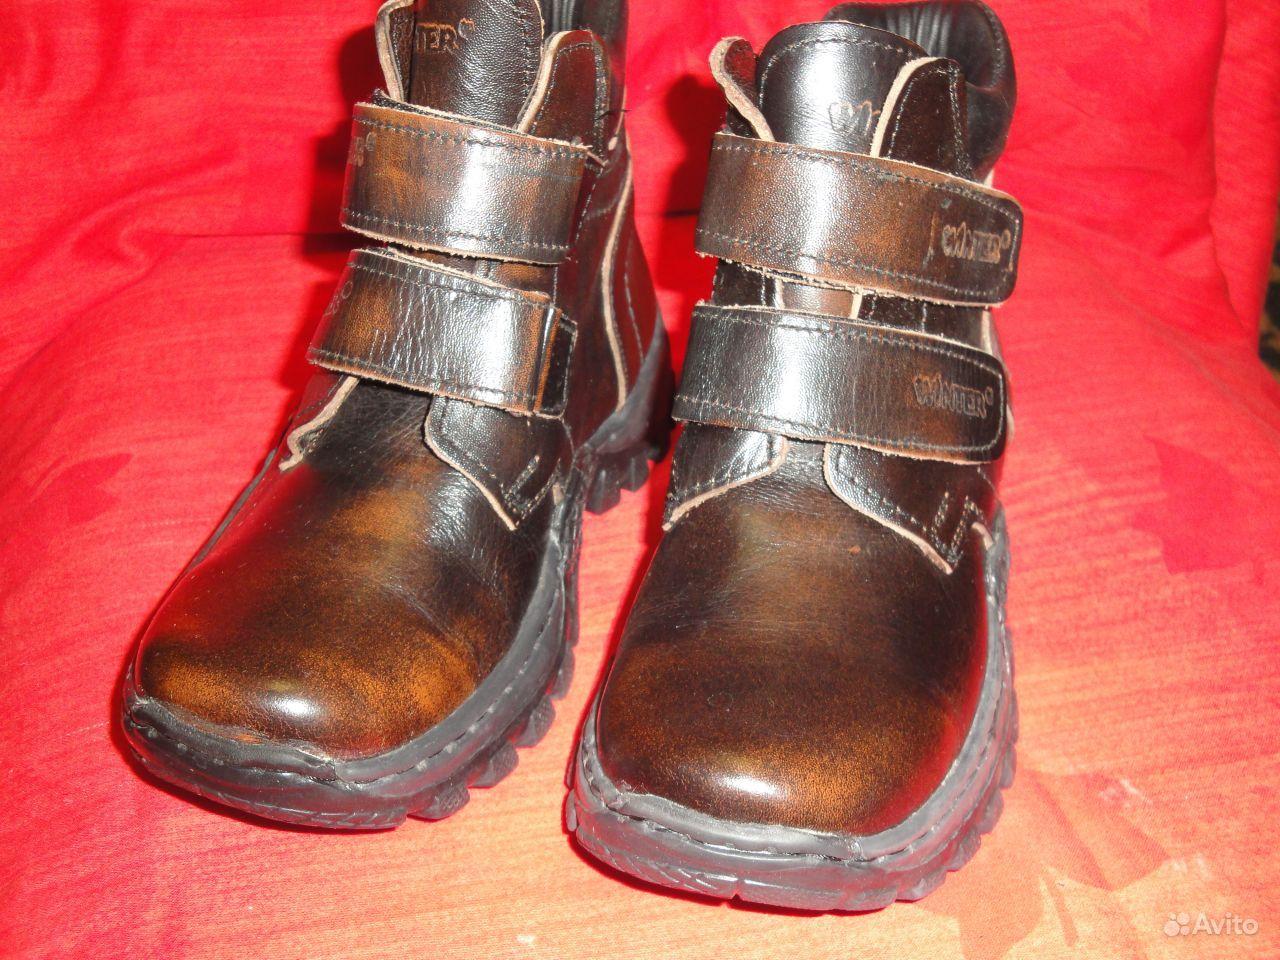 Турции Зимняя Обувь торговля, купить Зимняя Обувь